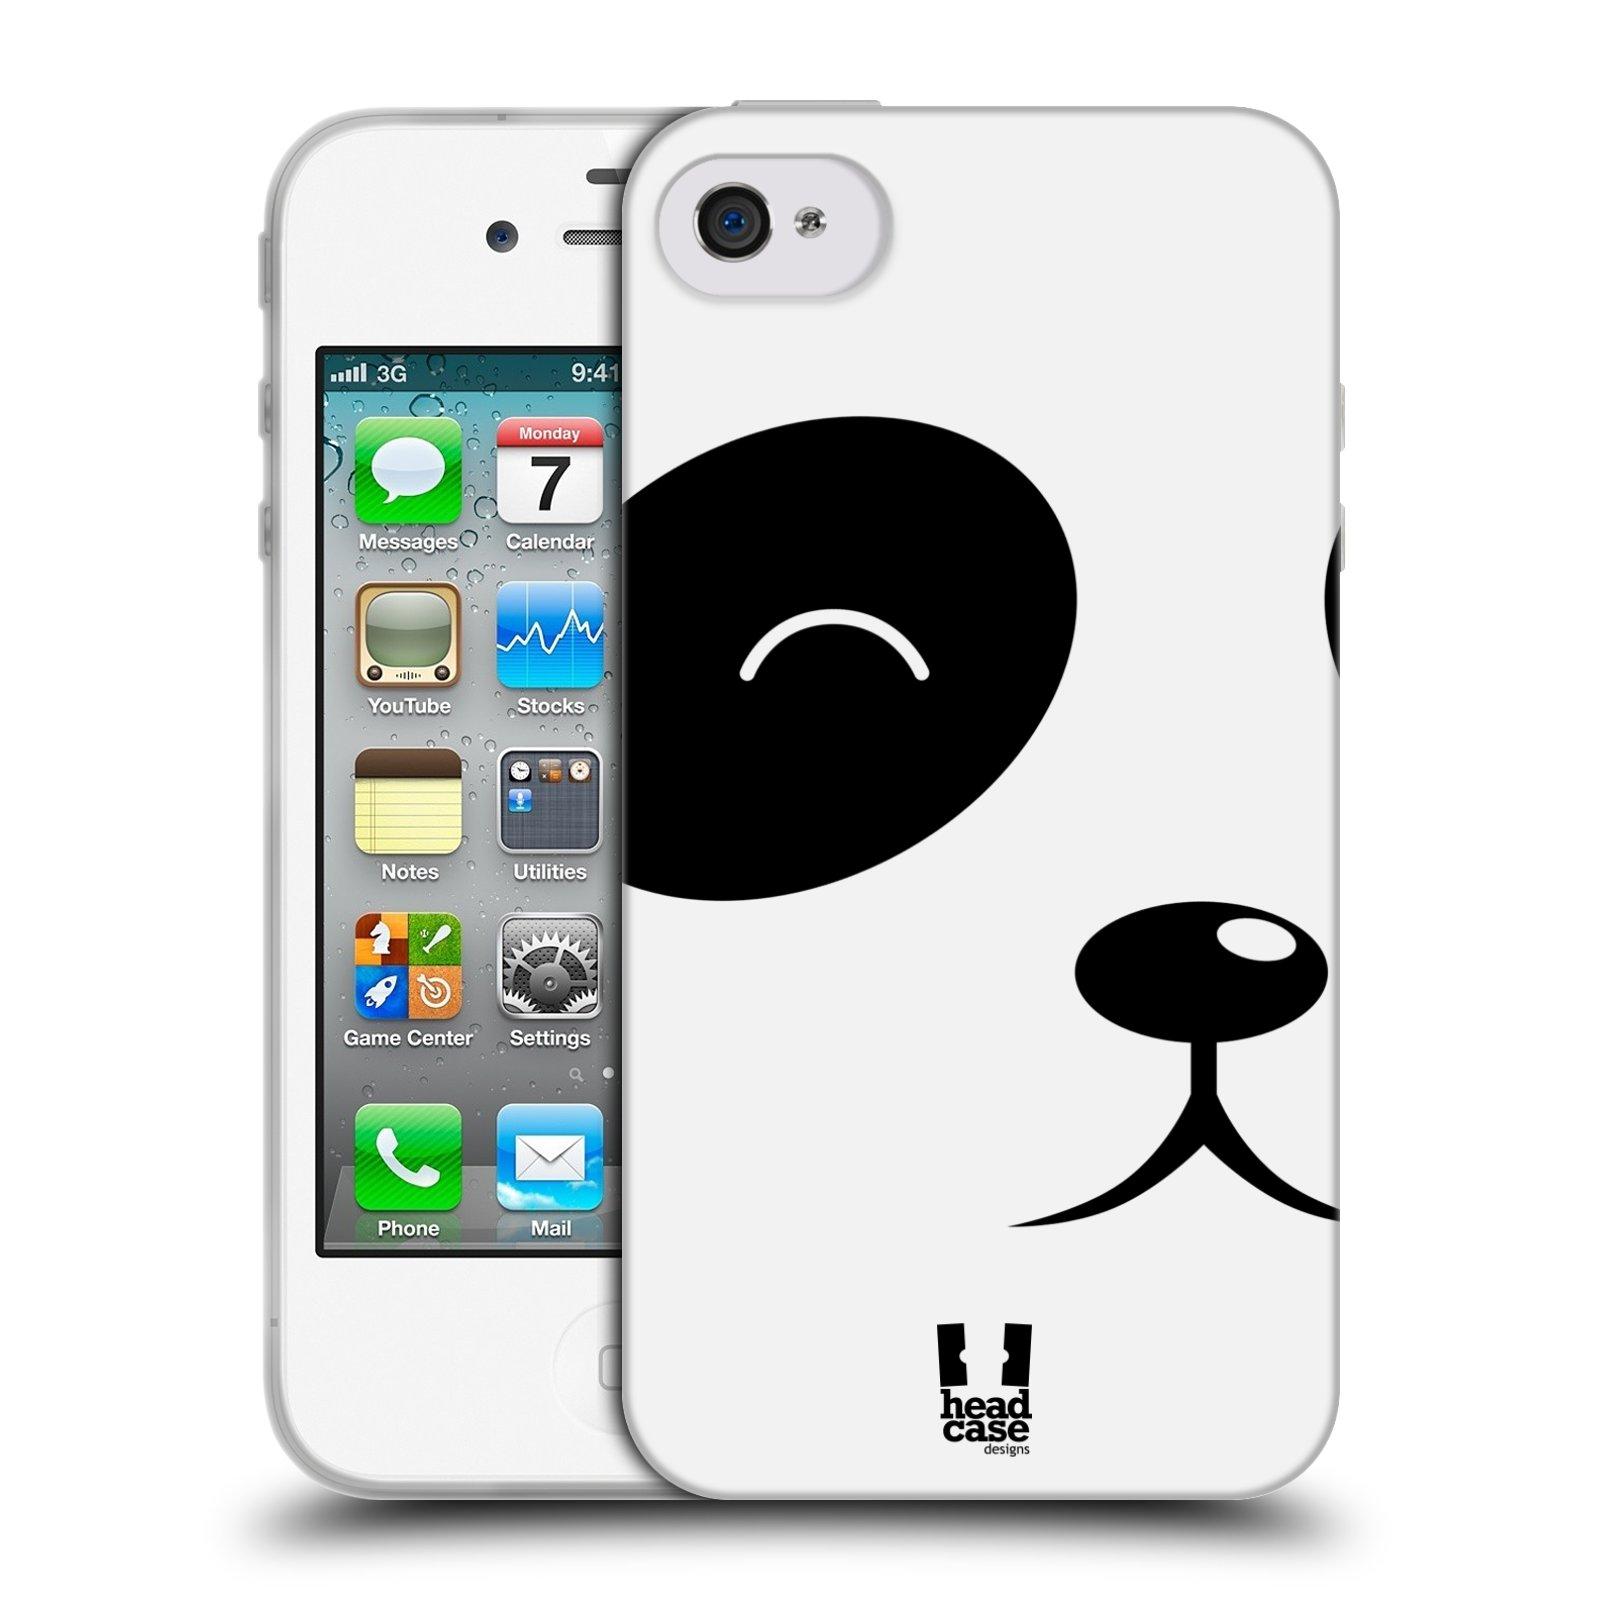 HEAD CASE silikonový obal na mobil Apple Iphone 4/4S vzor Celá tvář zvíře kreslený portrét medvídek panda